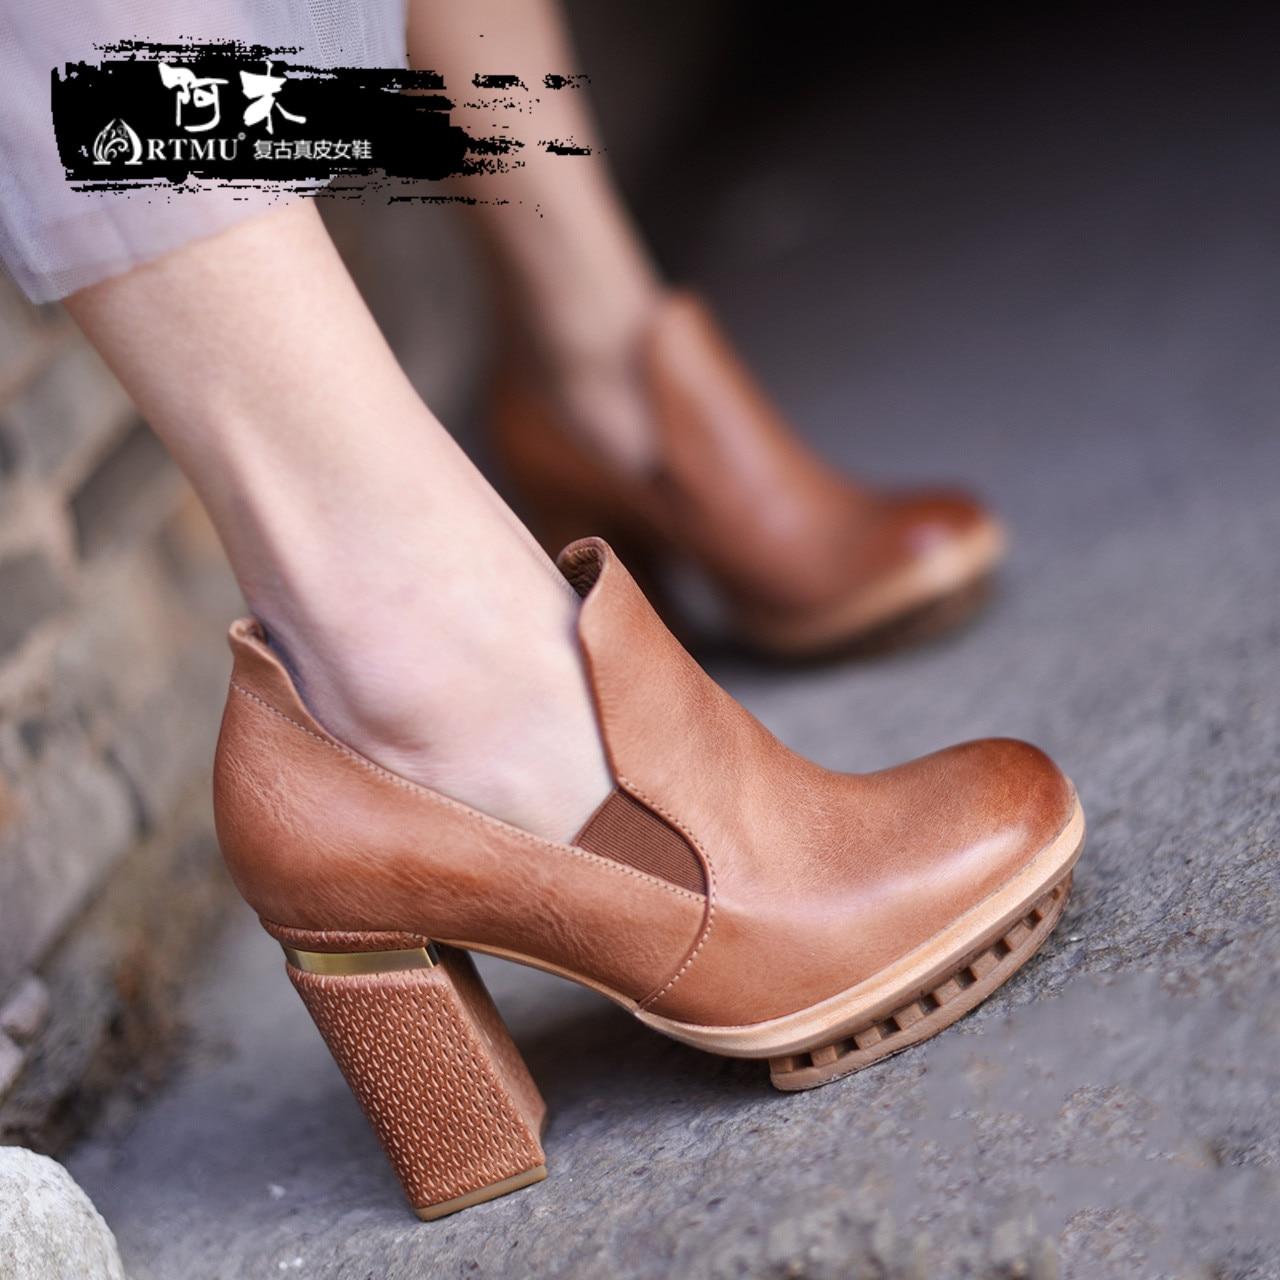 Artmu Mode Femmes Chaussures Pompe 9.5 cm Haute Talons peau de Vache Chaussures en cuir Femelle Bout Pointu Super Haute Chaussures Simples Femme chaussures